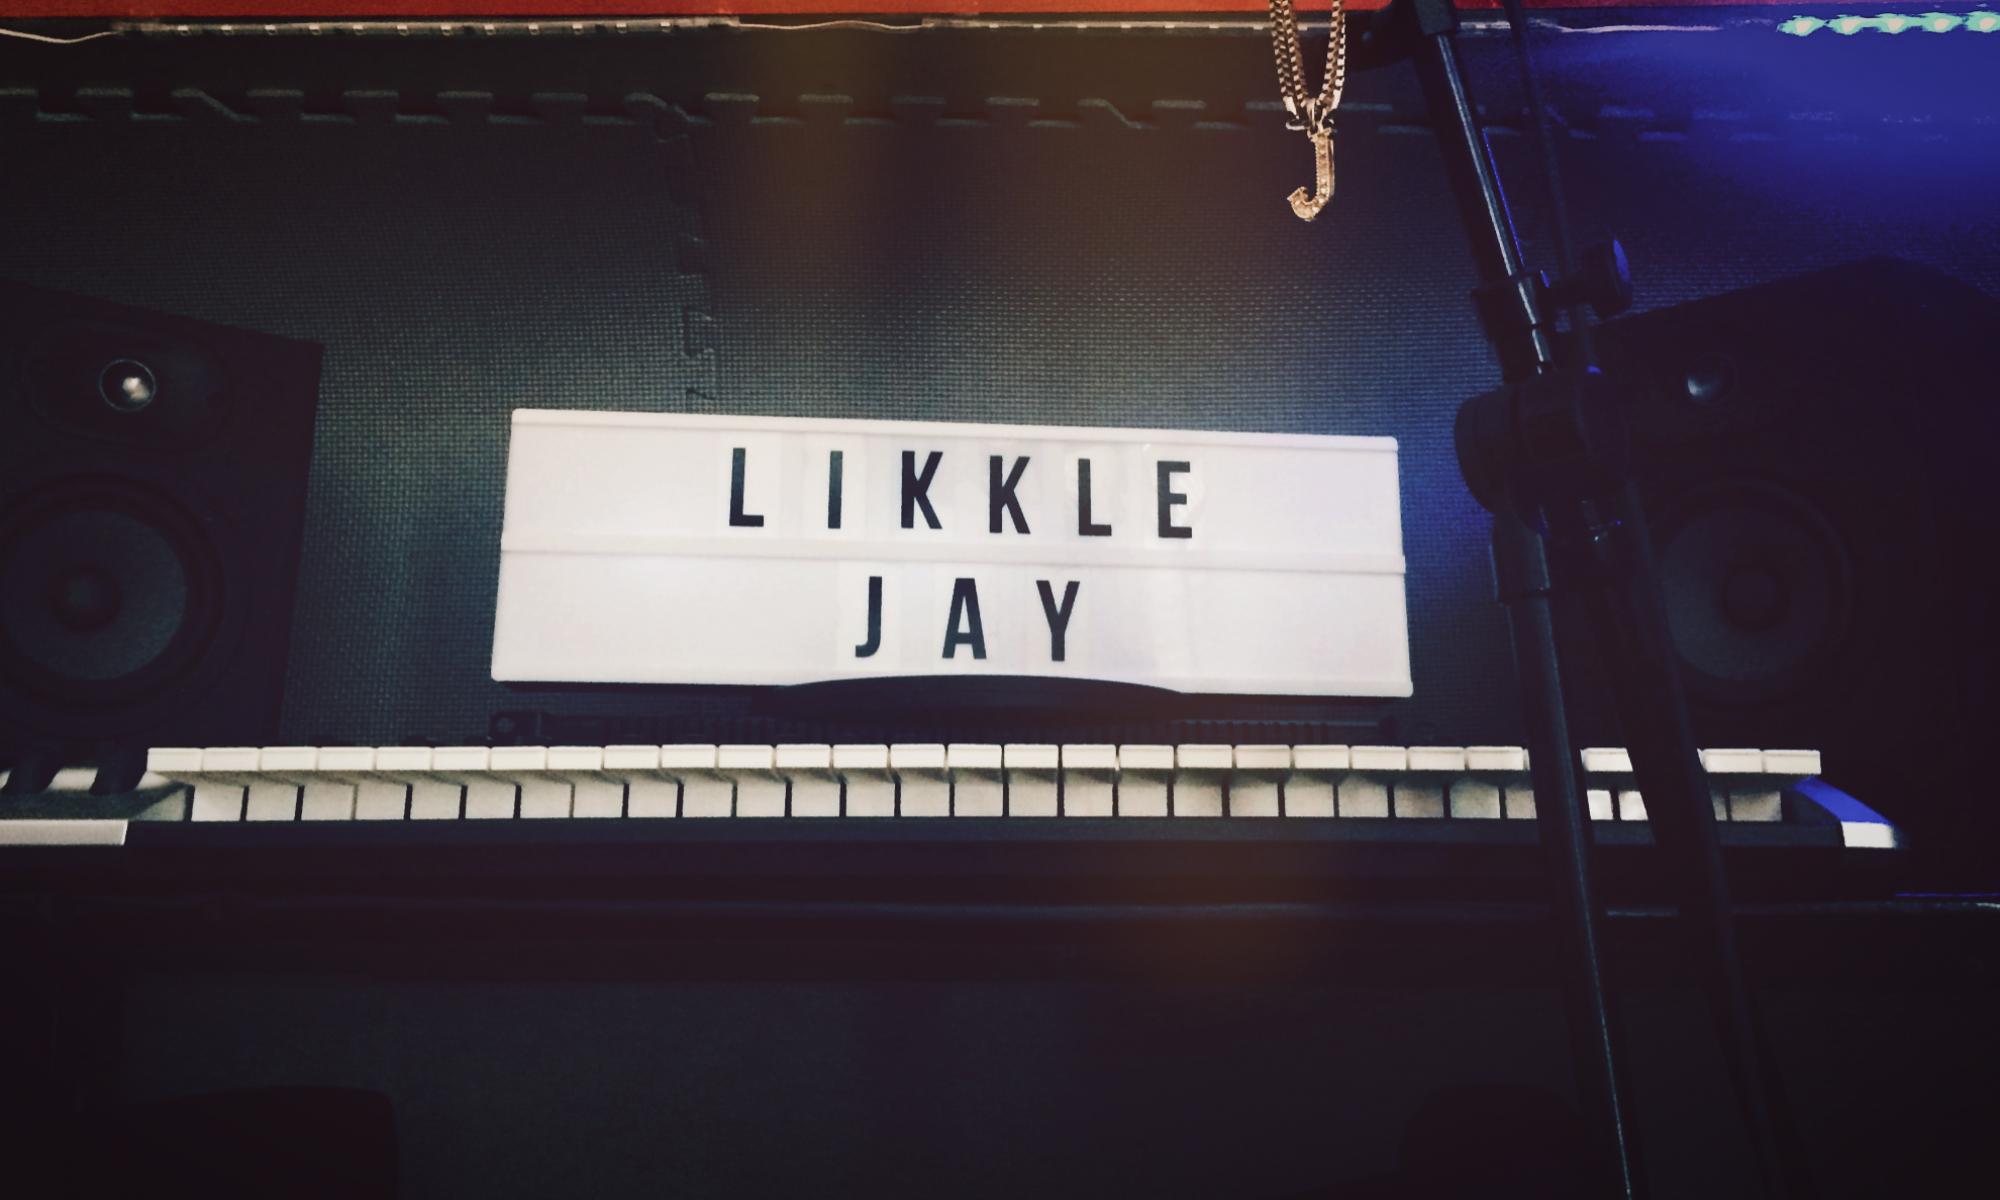 Likkle Jay